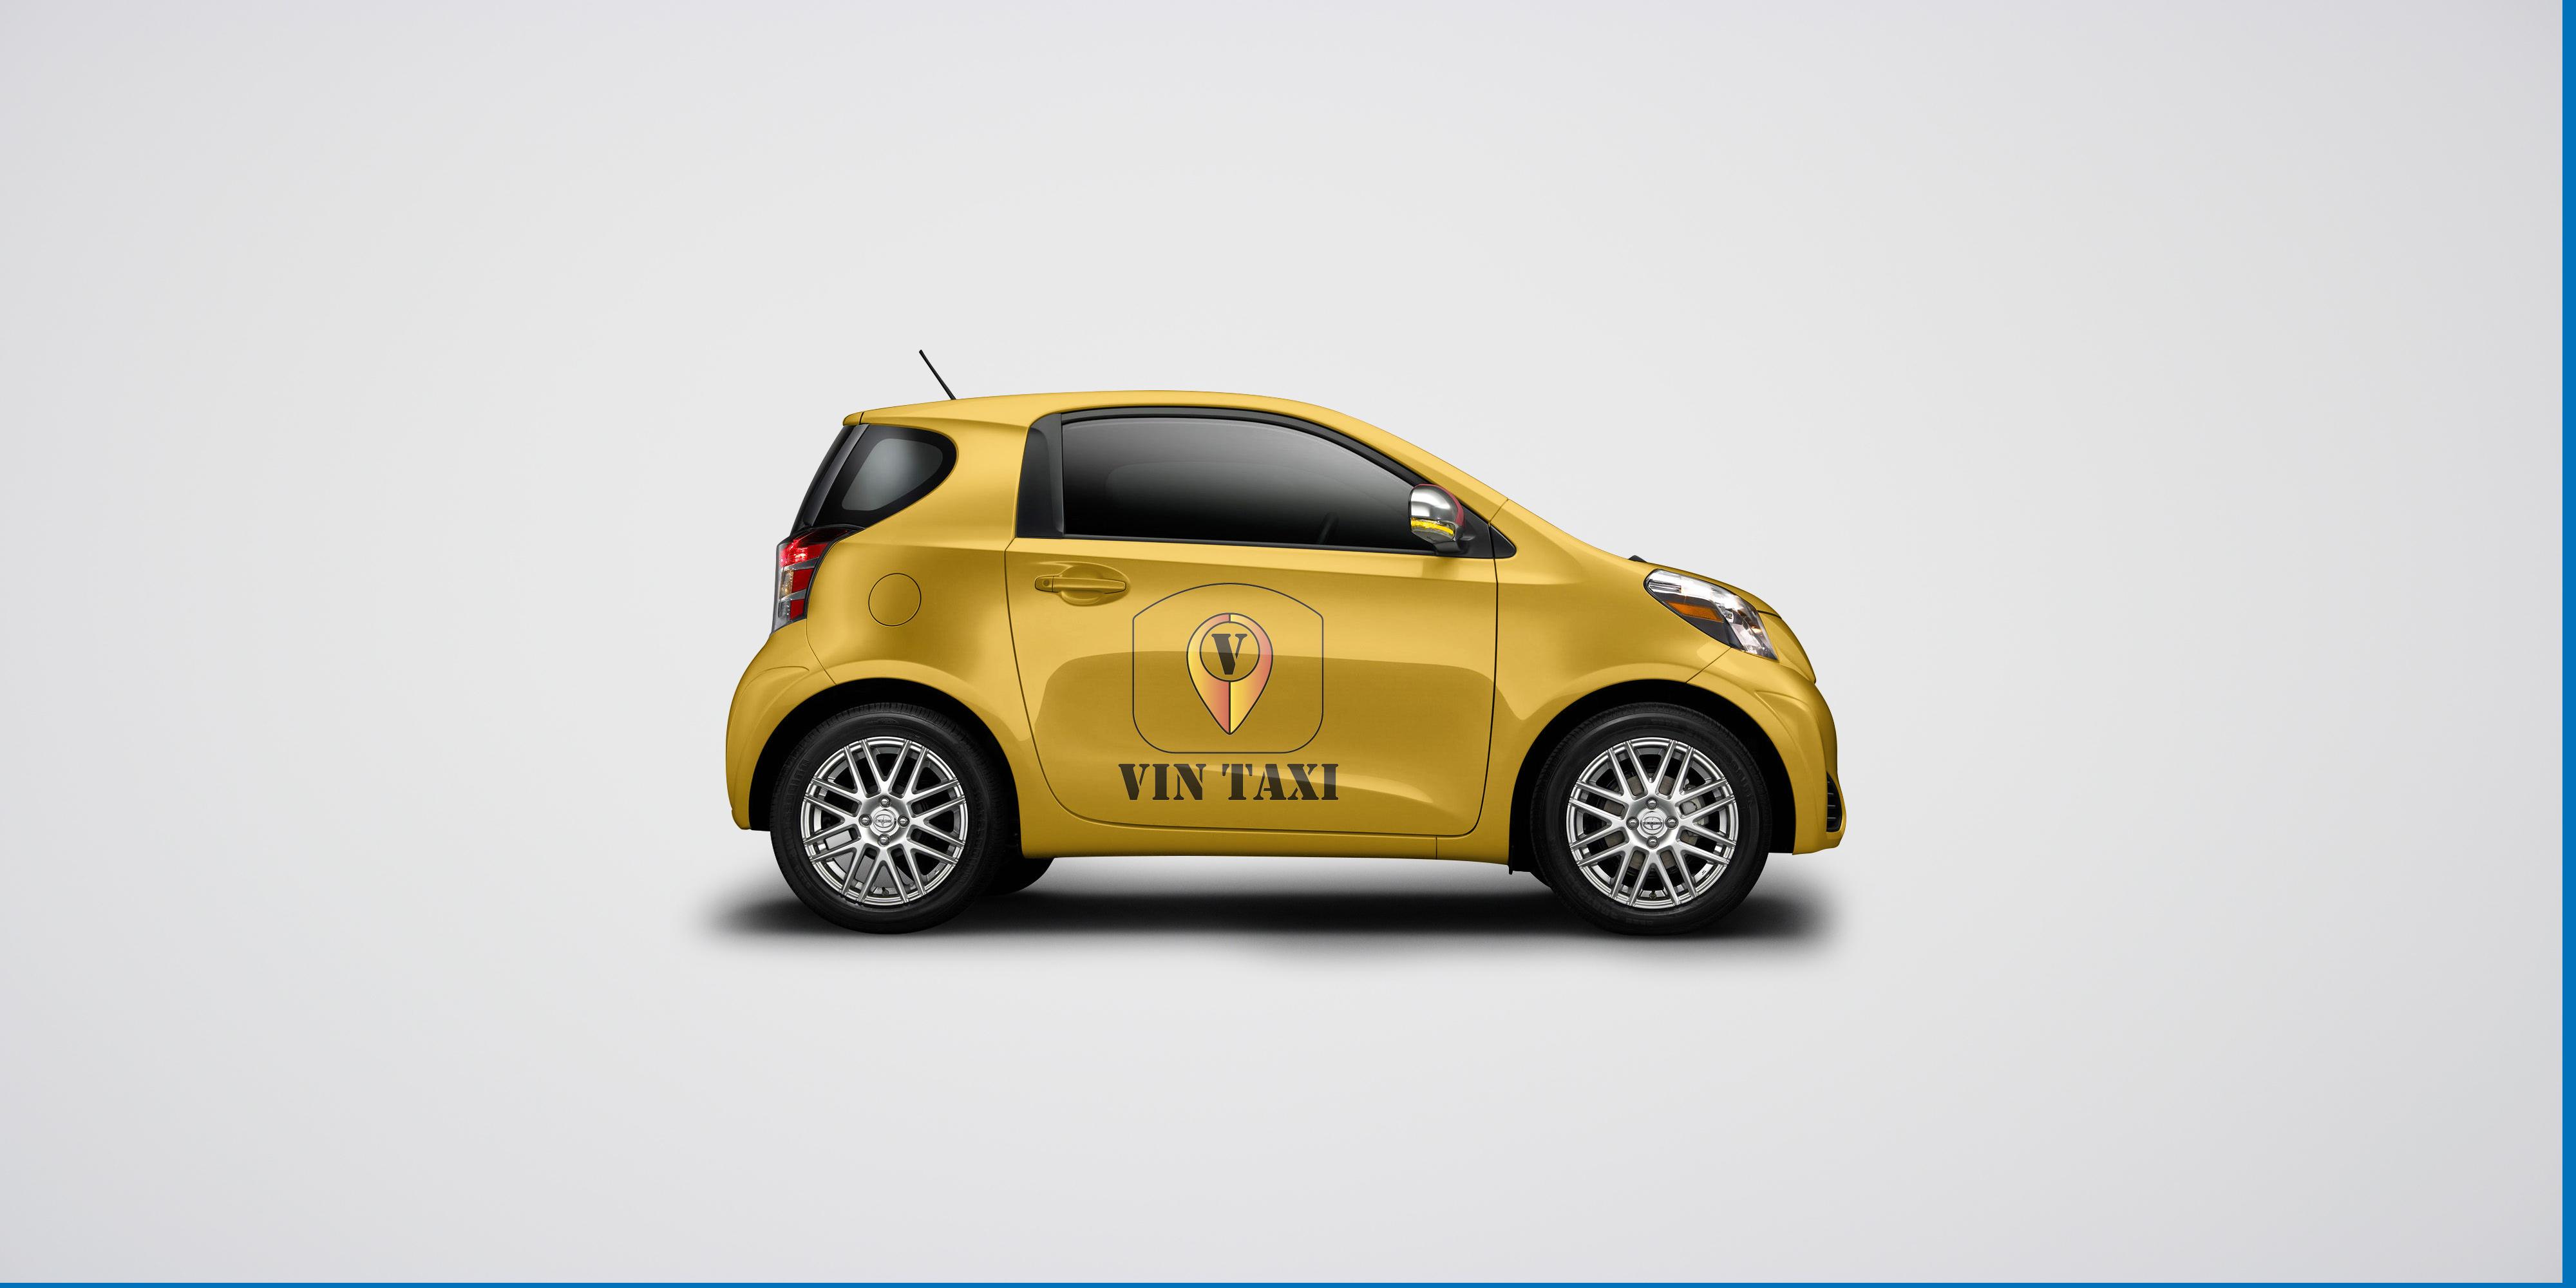 Разработка логотипа и фирменного стиля для такси фото f_0795b9eb924808af.jpg